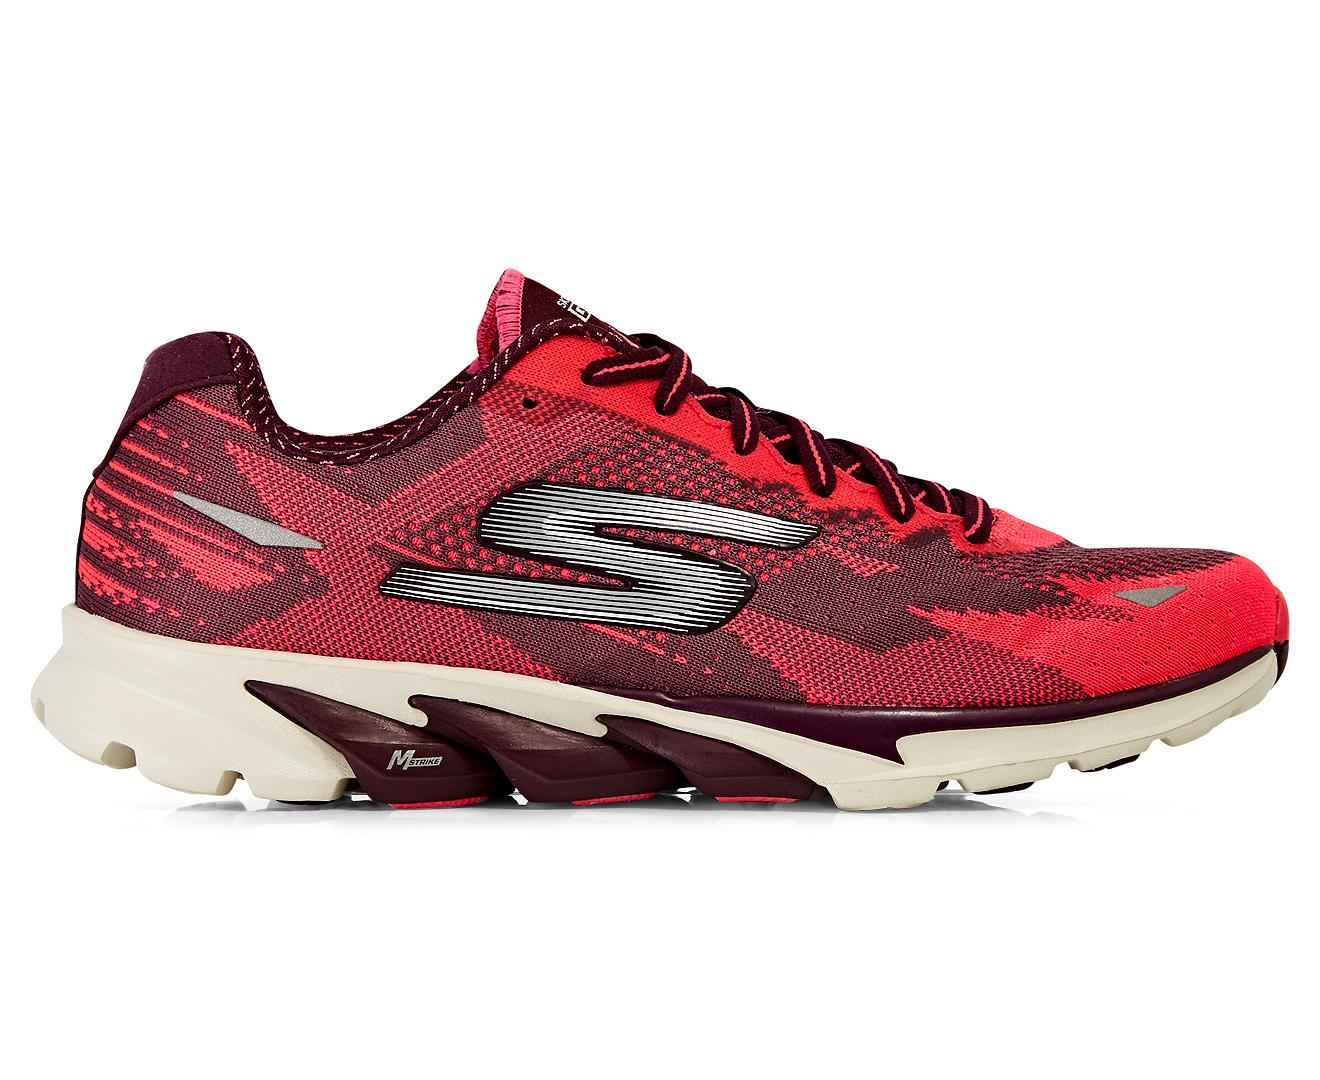 skechers running shoes 2016. skechers women\u0027s gorun 4 2016 shoe - burgundy/hot pink running shoes